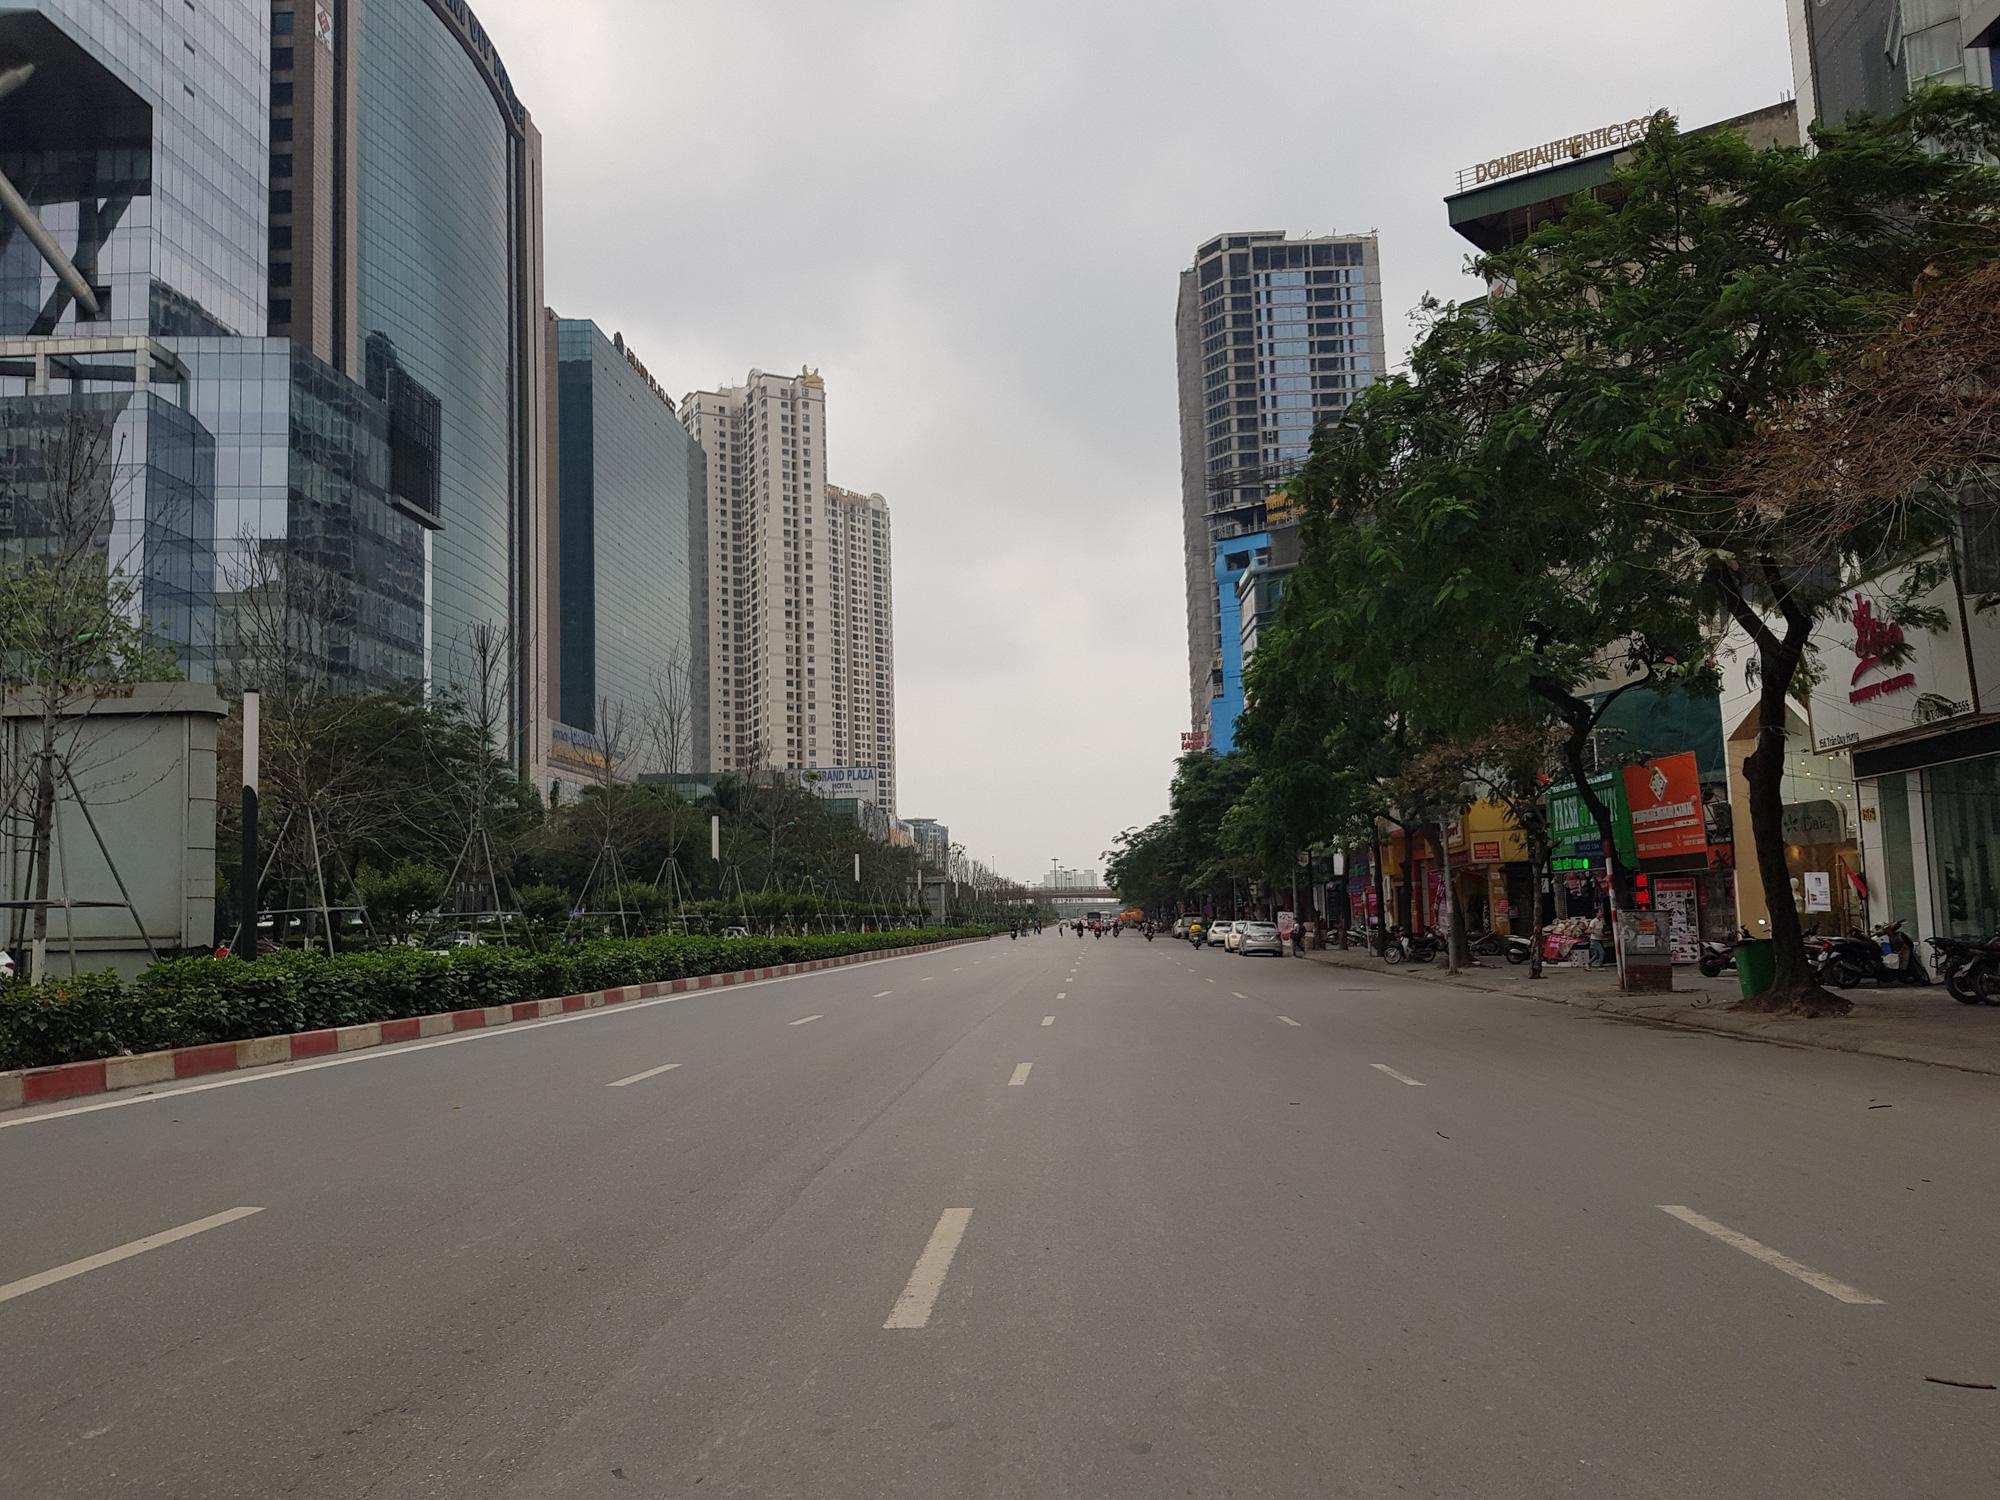 Sau lệnh tạm thời đóng cửa, nhiều đường phố Hà Nội thông thoáng như ngày Tết - Ảnh 10.